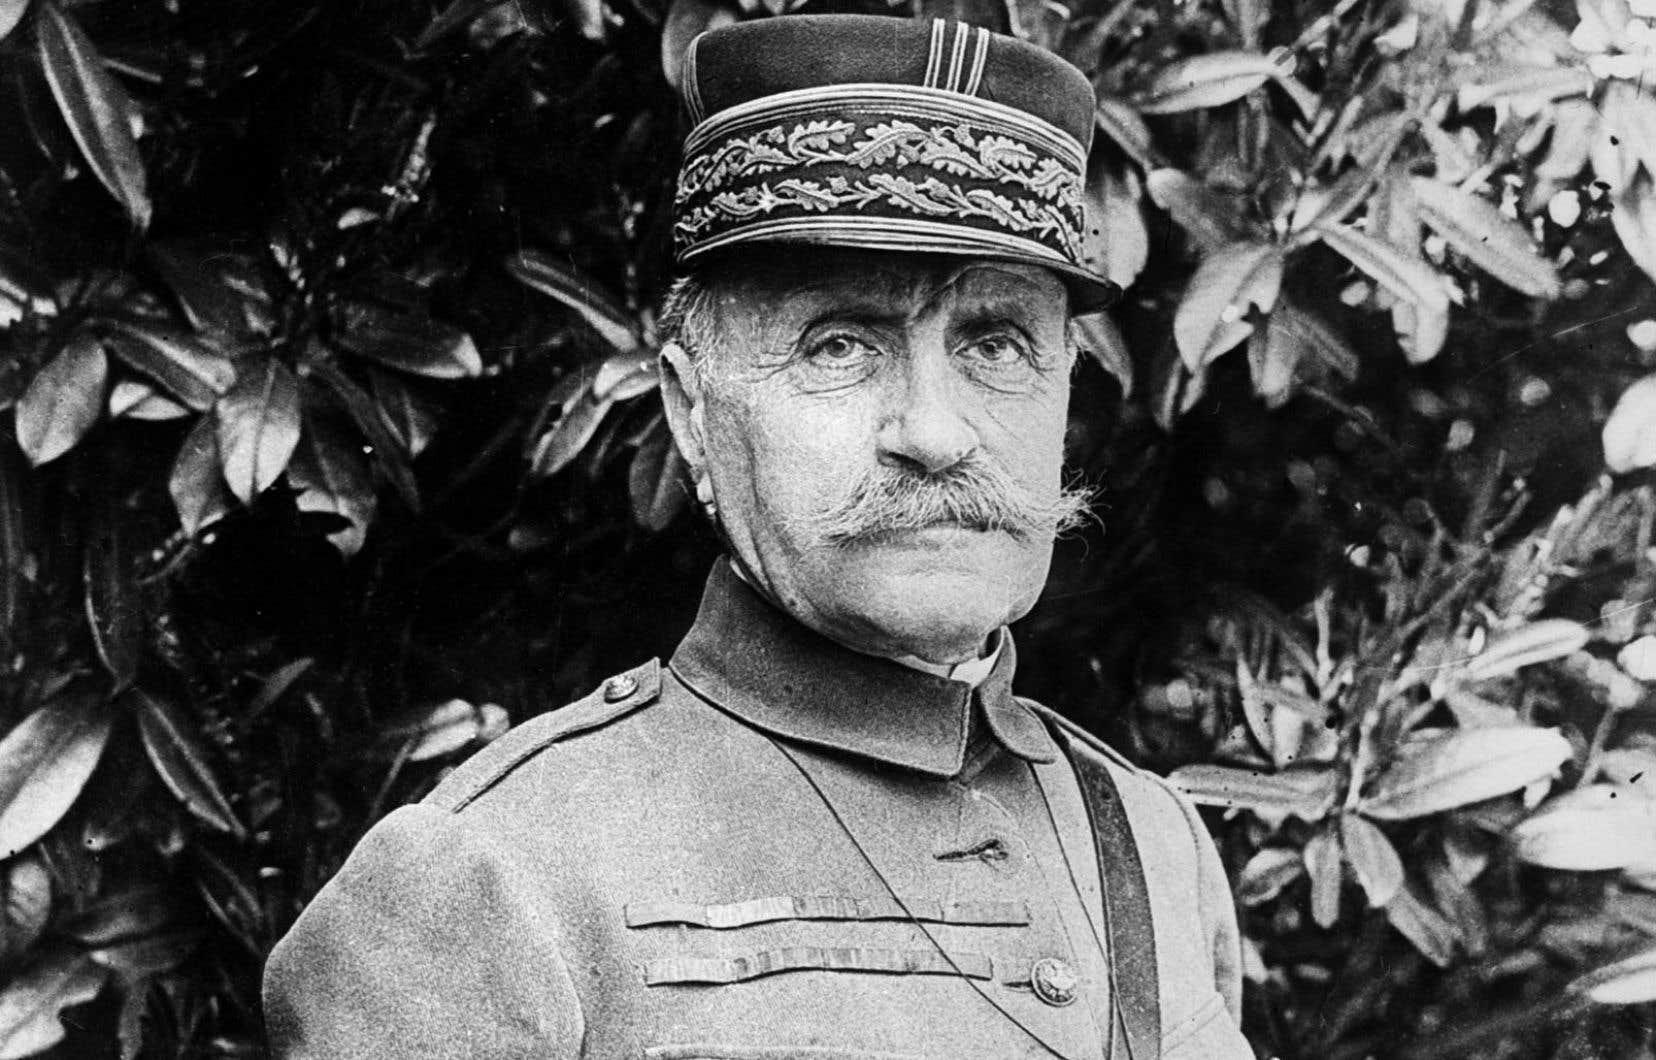 Photo non datée du maréchal Ferdinand Foch, commandant les troupes alliées durant la Première Guerre mondiale.